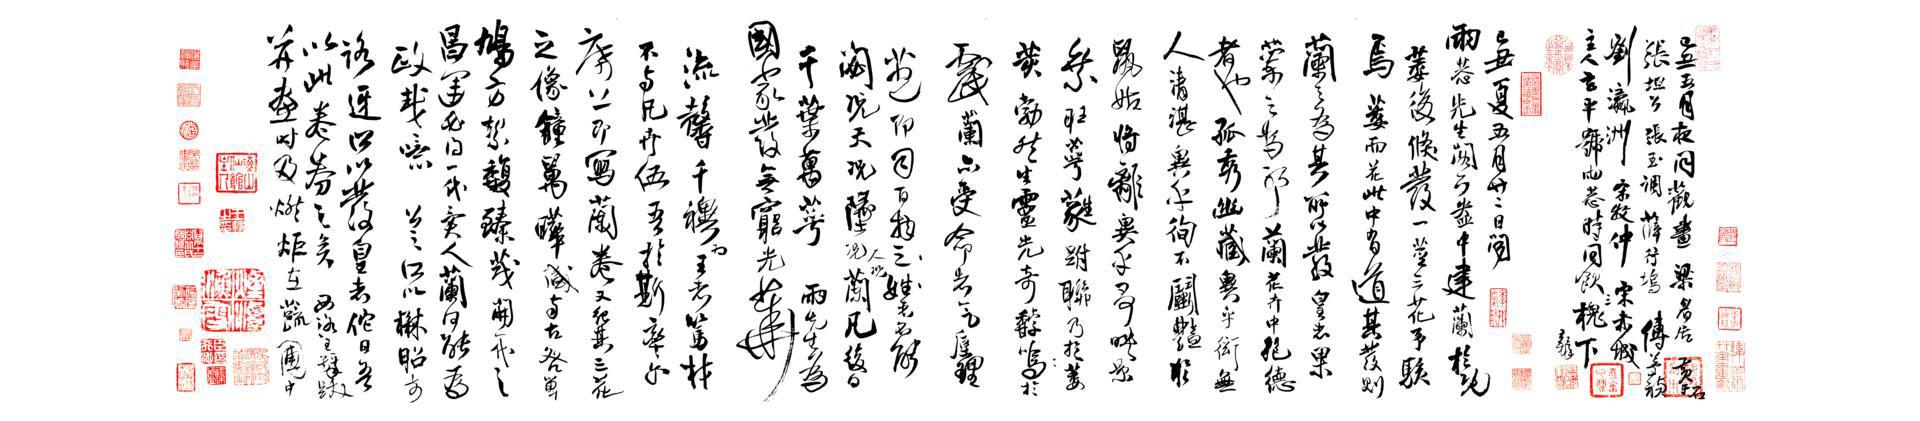 明王铎枯兰复花图跋卷三典轩调色版精修版